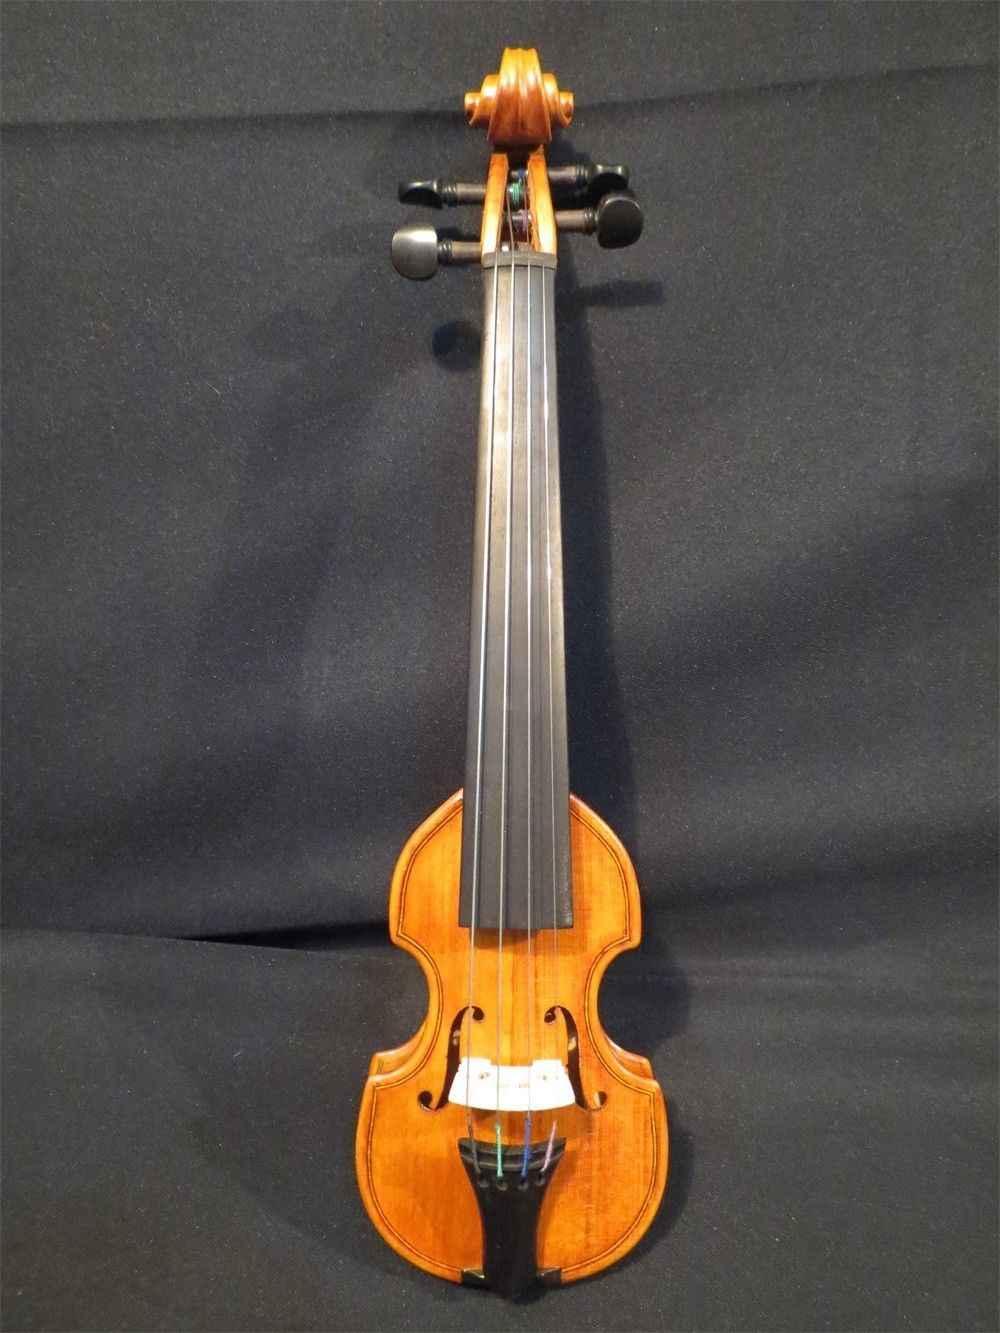 """Барокко Стиль пошет Скрипка 5 3/4 """", хороший бренд песни, резонансный звук #9637"""